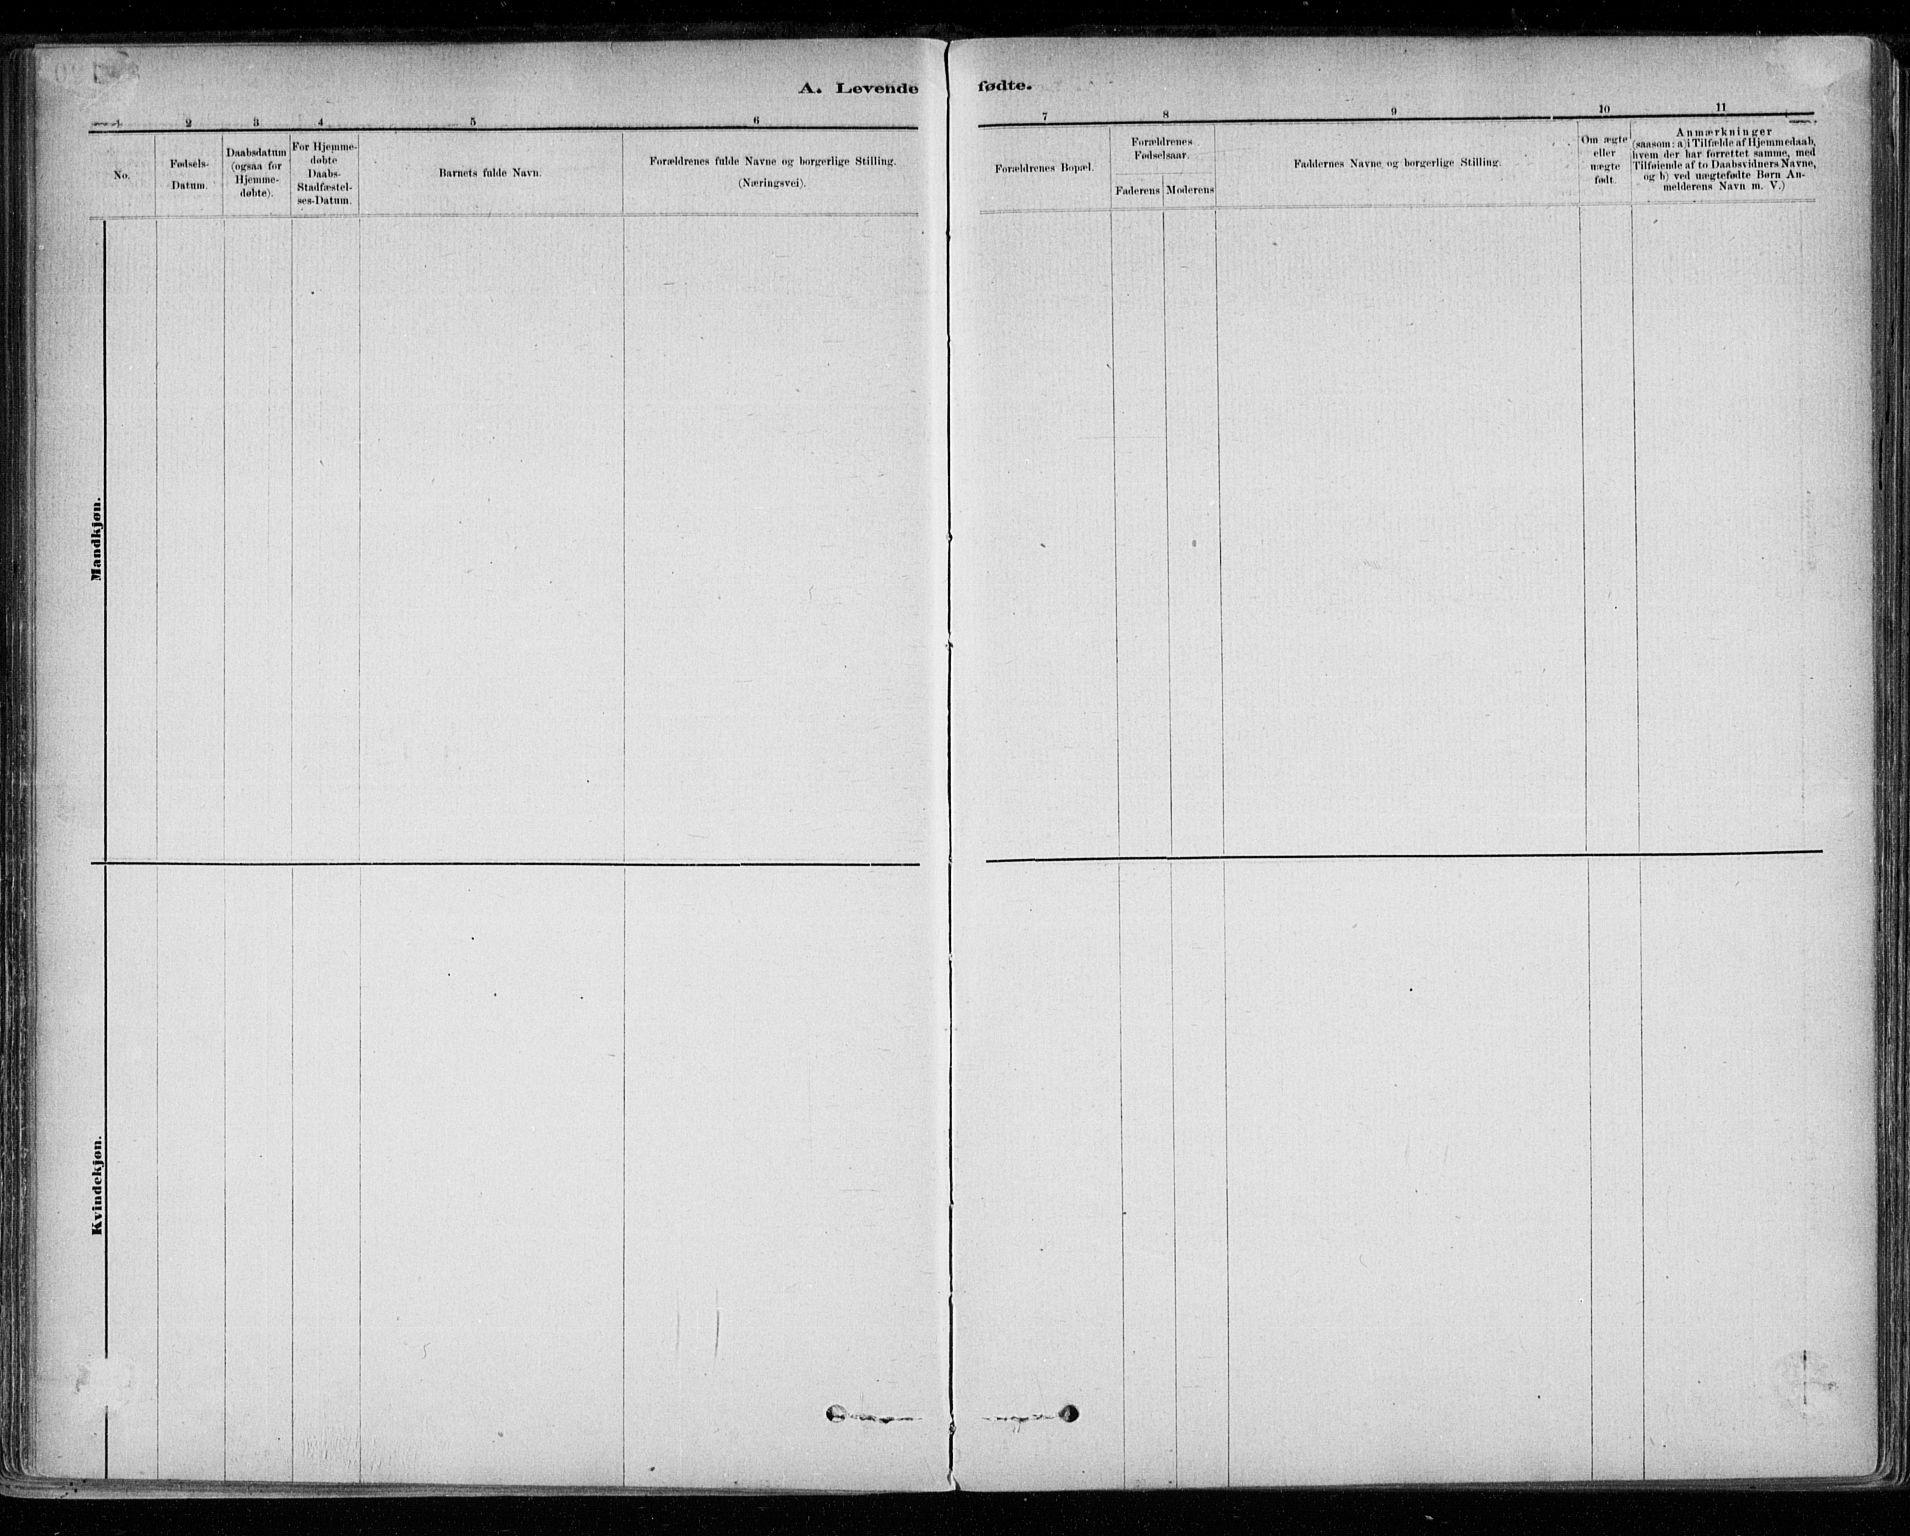 SAT, Ministerialprotokoller, klokkerbøker og fødselsregistre - Sør-Trøndelag, 668/L0809: Ministerialbok nr. 668A09, 1881-1895, s. 120